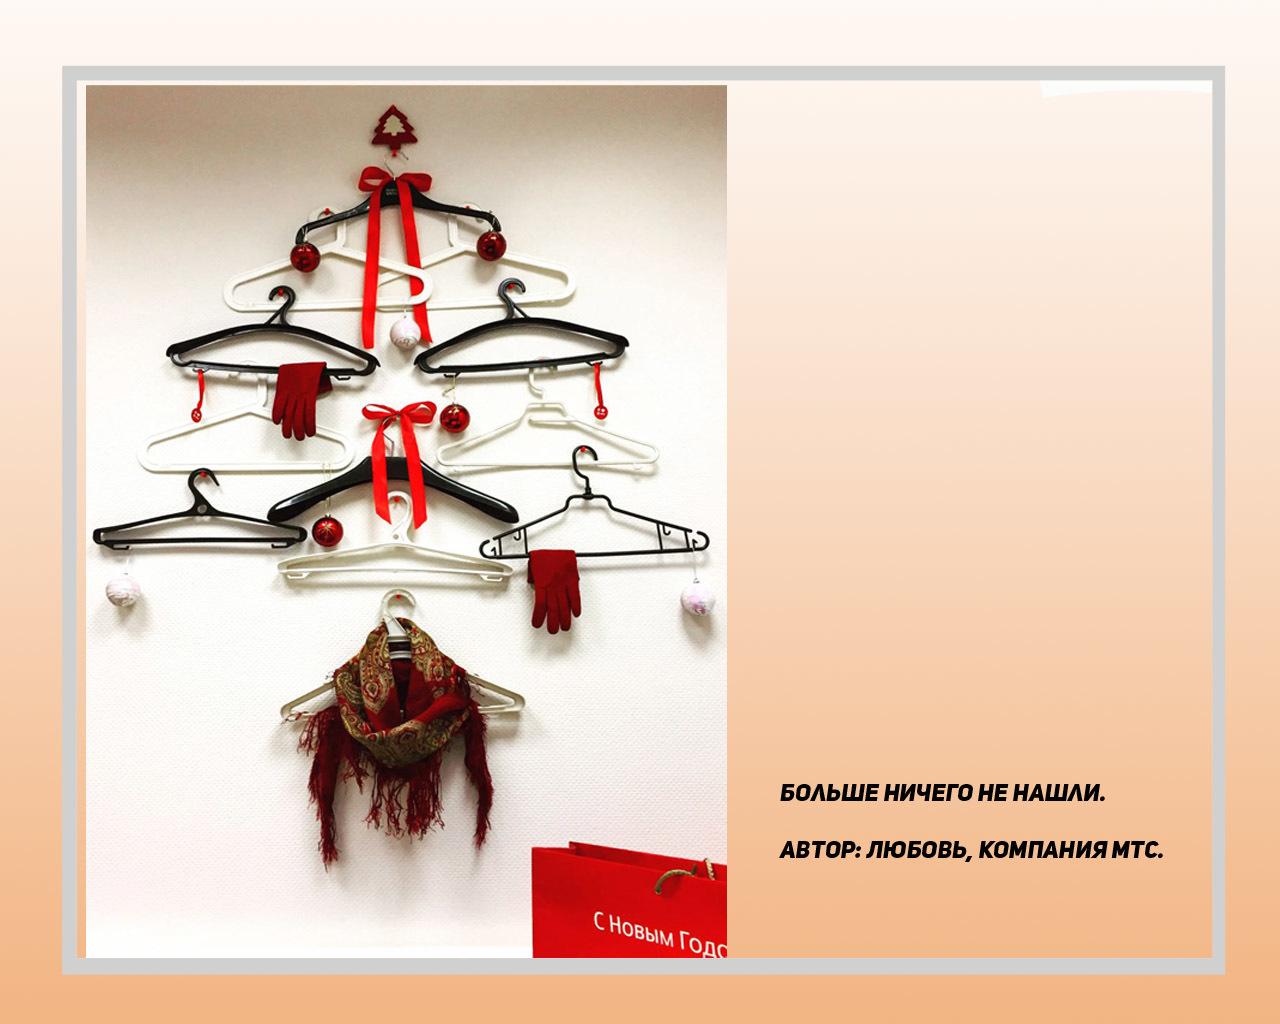 Из макарон, швабры, вешалок, кактуса - «Фонтанка» публикует фото невероятных елок Петербурга (Иллюстрация 6 из 20)